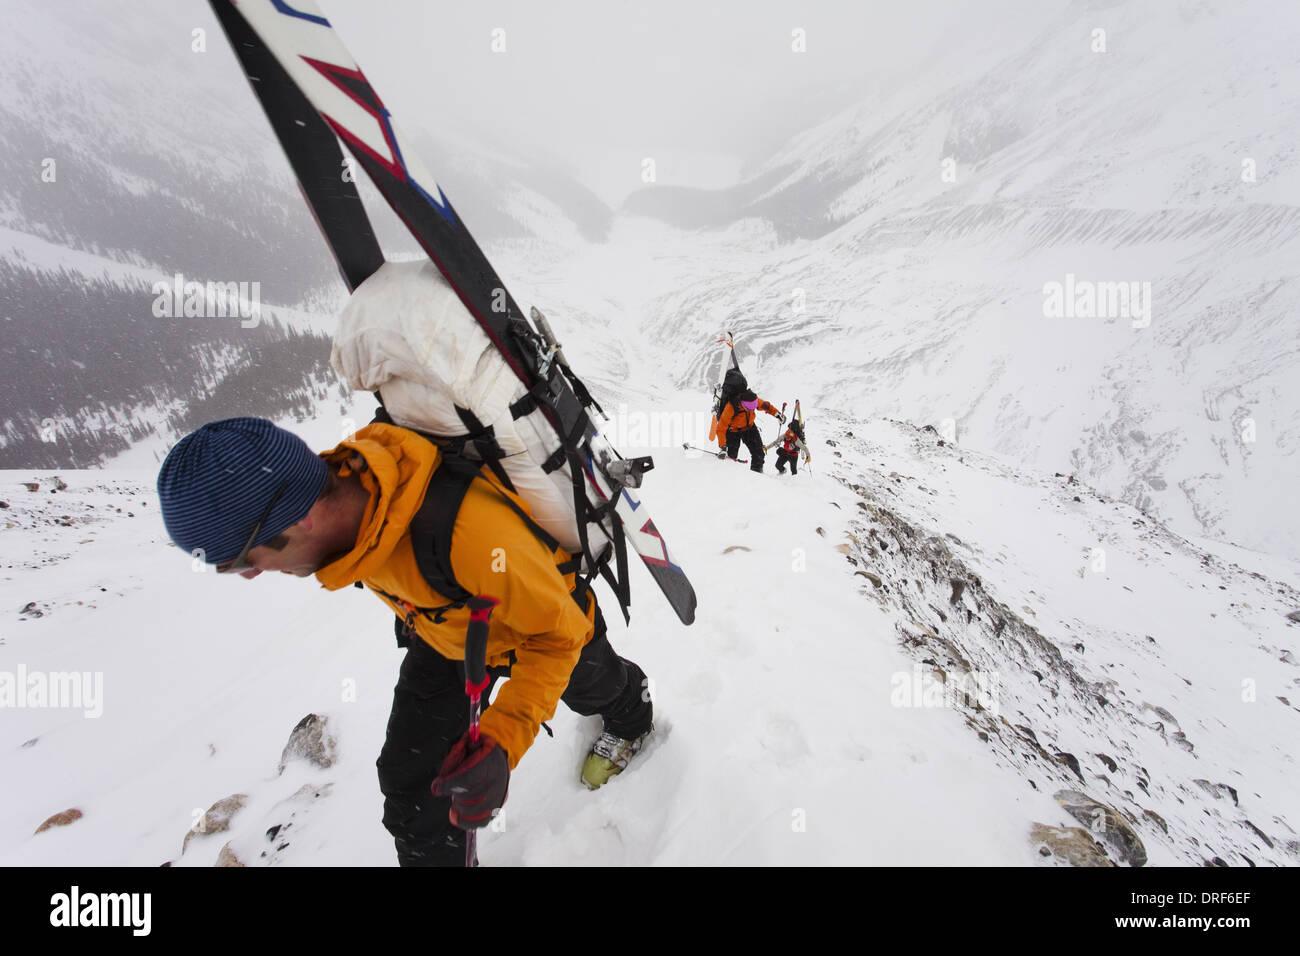 Alberta Canada. Three skiers Wapta Traverse mountain ski tour - Stock Image